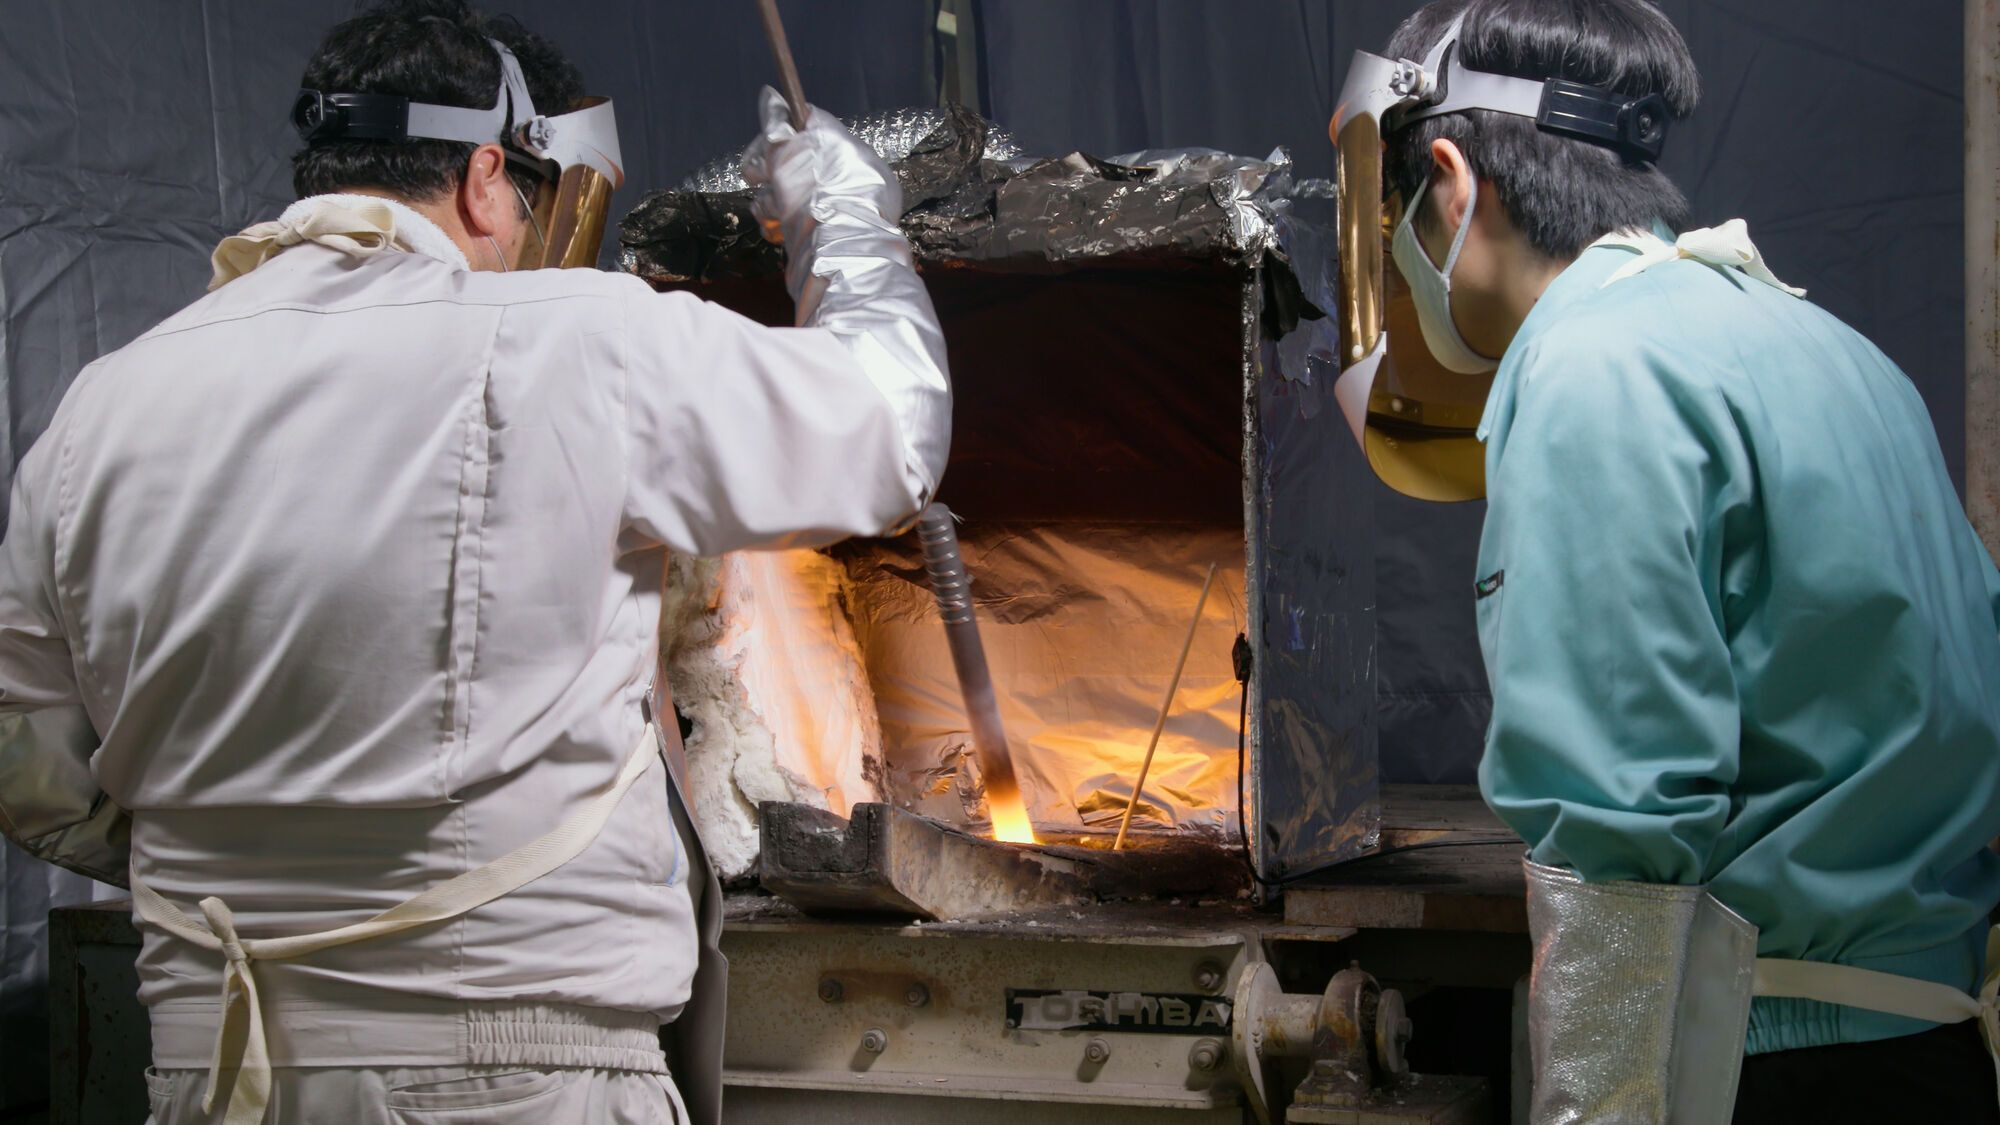 С 2017 года Nissan сотрудничает с Университетом Васэда, который имеет большой опыт исследований в области переработки и плавки цветных металлов